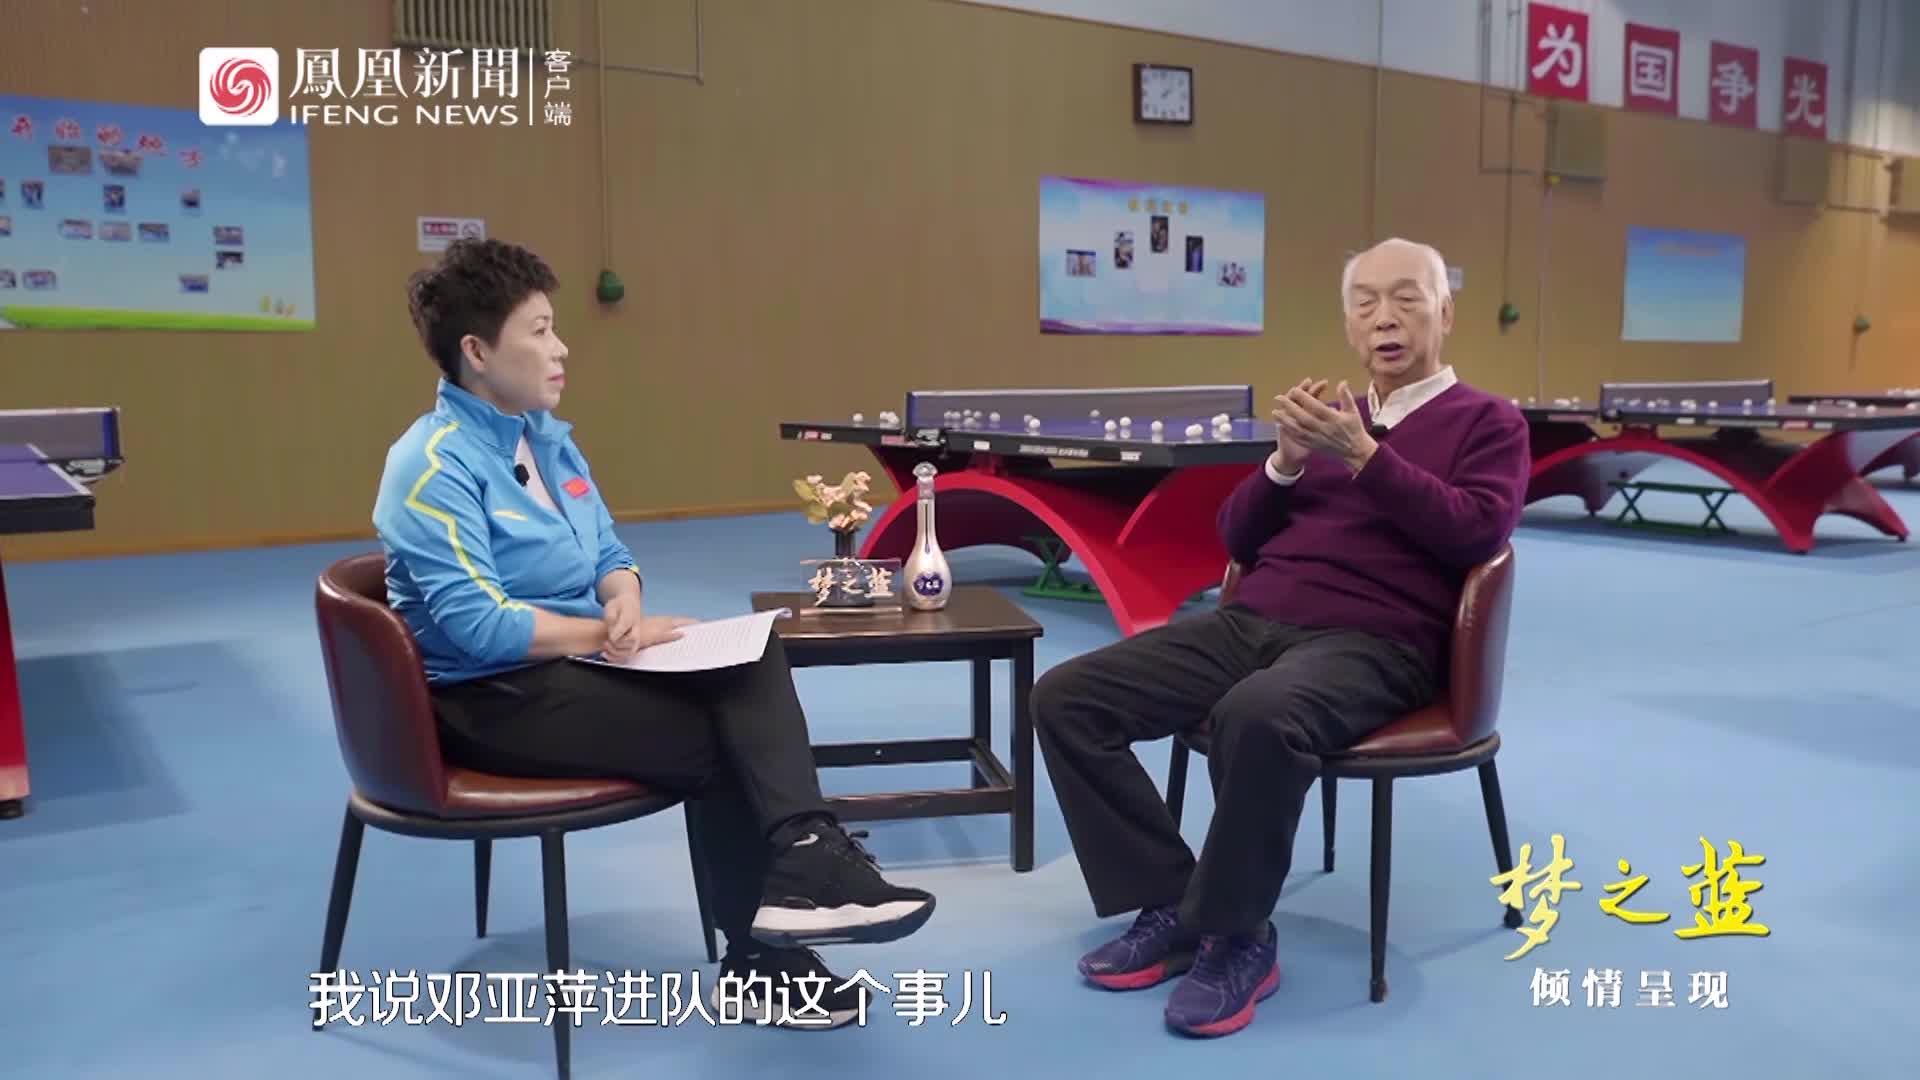 邓亚萍个矮、不漂亮曾被国家队教练嫌弃,张燮林力排众议